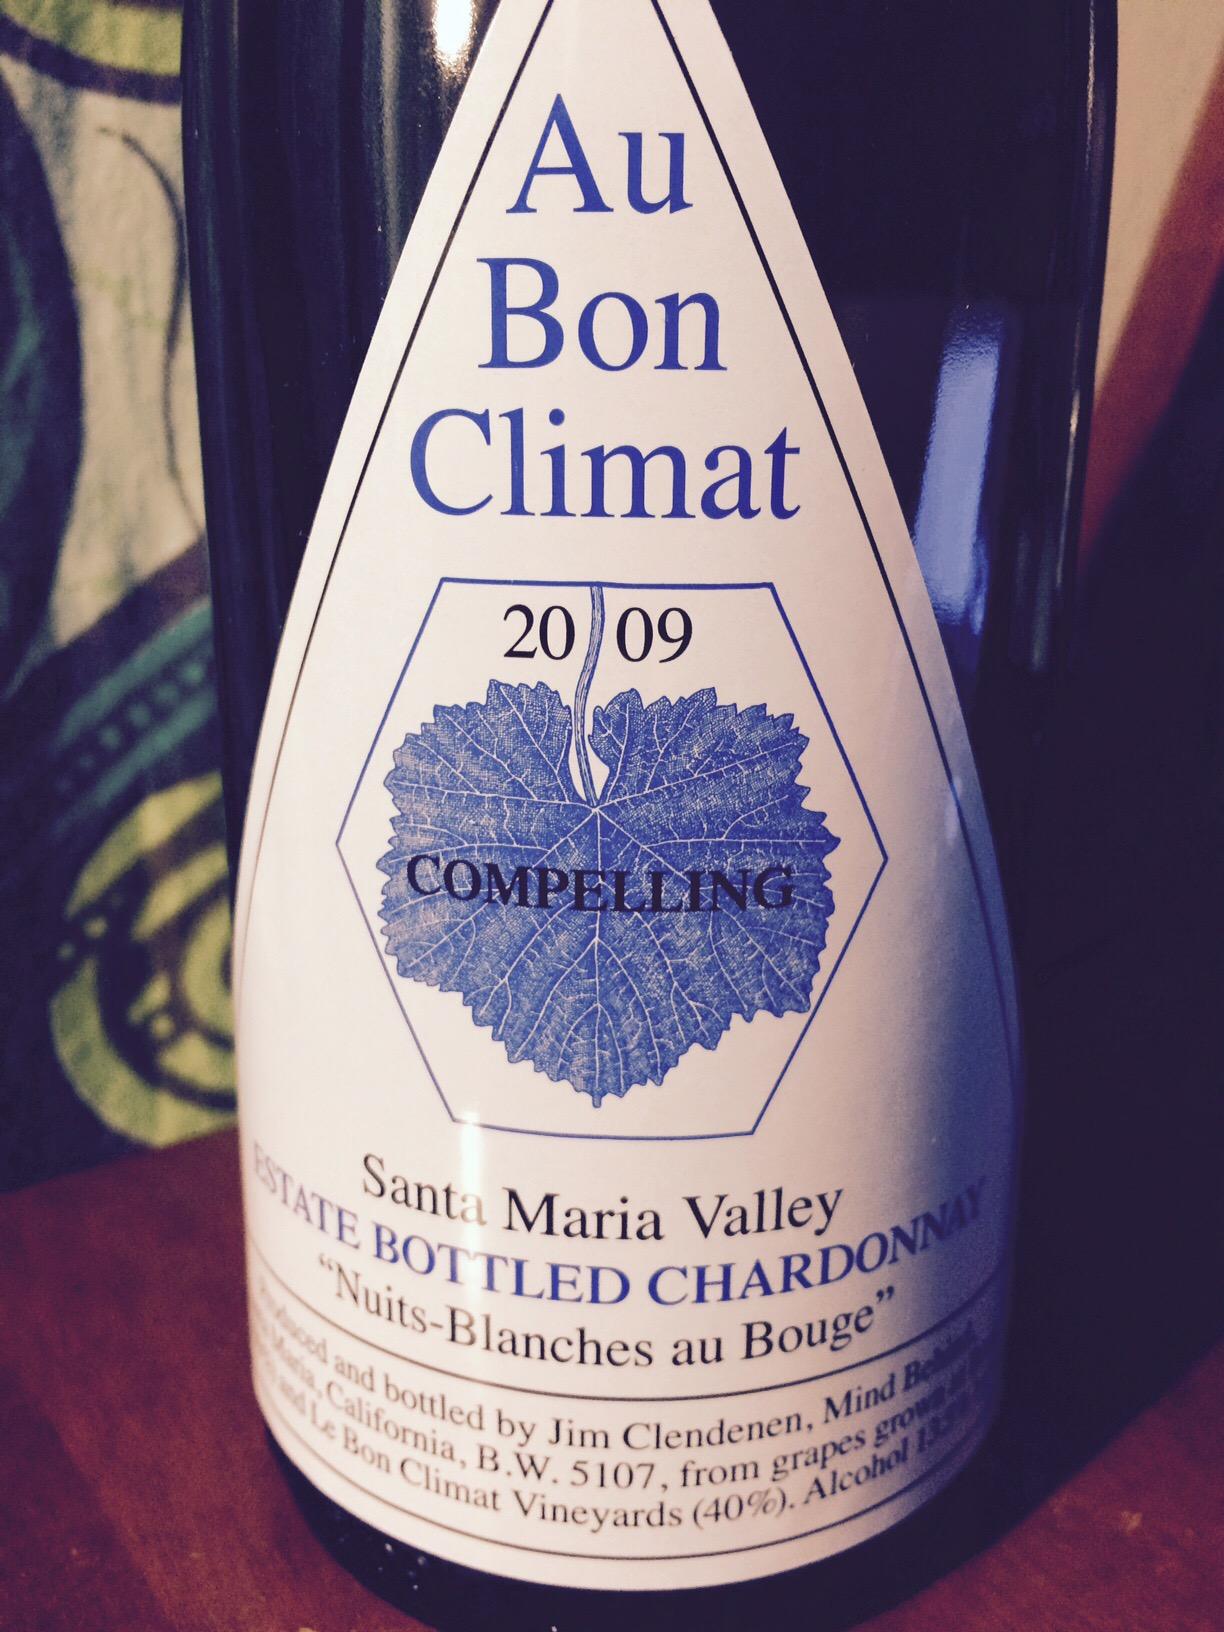 """2009 Au Bon Climat """"Compelling"""" Nuits-Blanches au Bouge, Santa Maria County"""